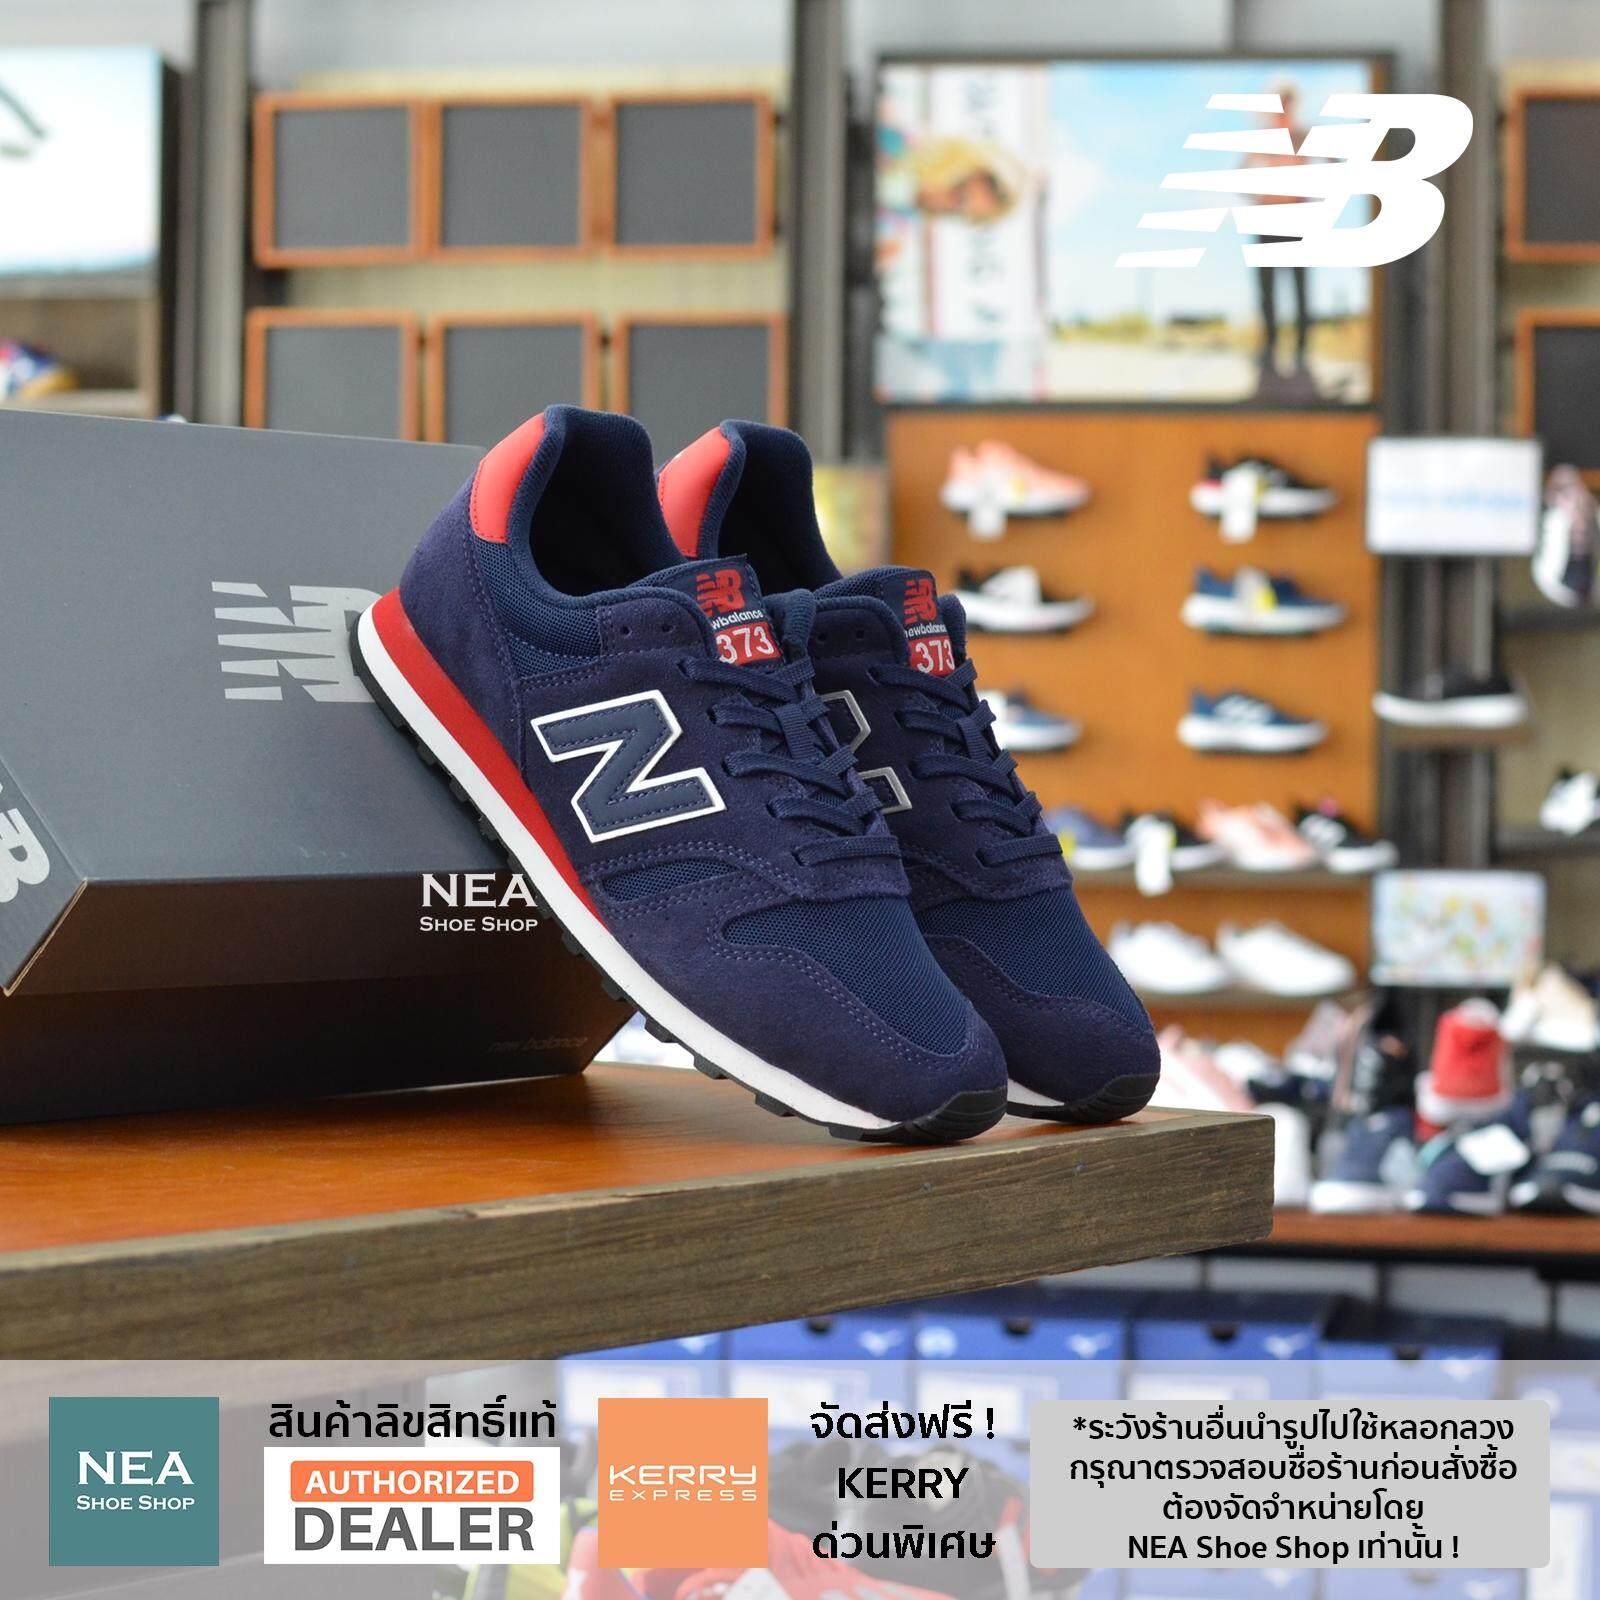 การใช้งาน  ฉะเชิงเทรา [ลิขสิทธิ์แท้] New Balance 373 V1 Navy/Red รองเท้าผ้าใบ นิวบาลานซ์ ผู้ชาย ML373MBT